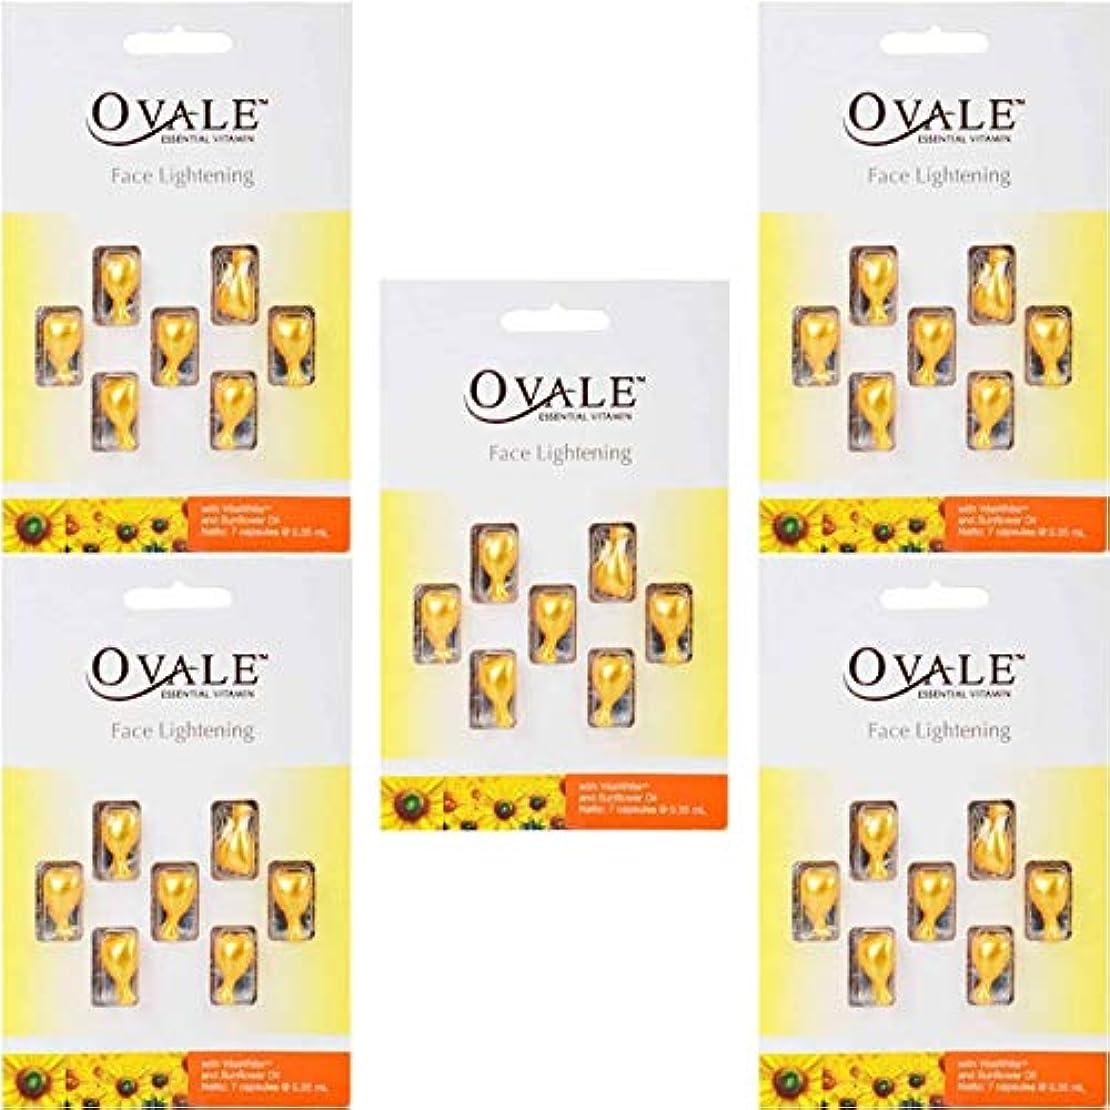 ドラフト明らかペイントOvale オーバル フェイシャル美容液 essential vitamin エッセンシャルビタミン 7粒入シート×5枚セット サンフラワー [海外直送品]